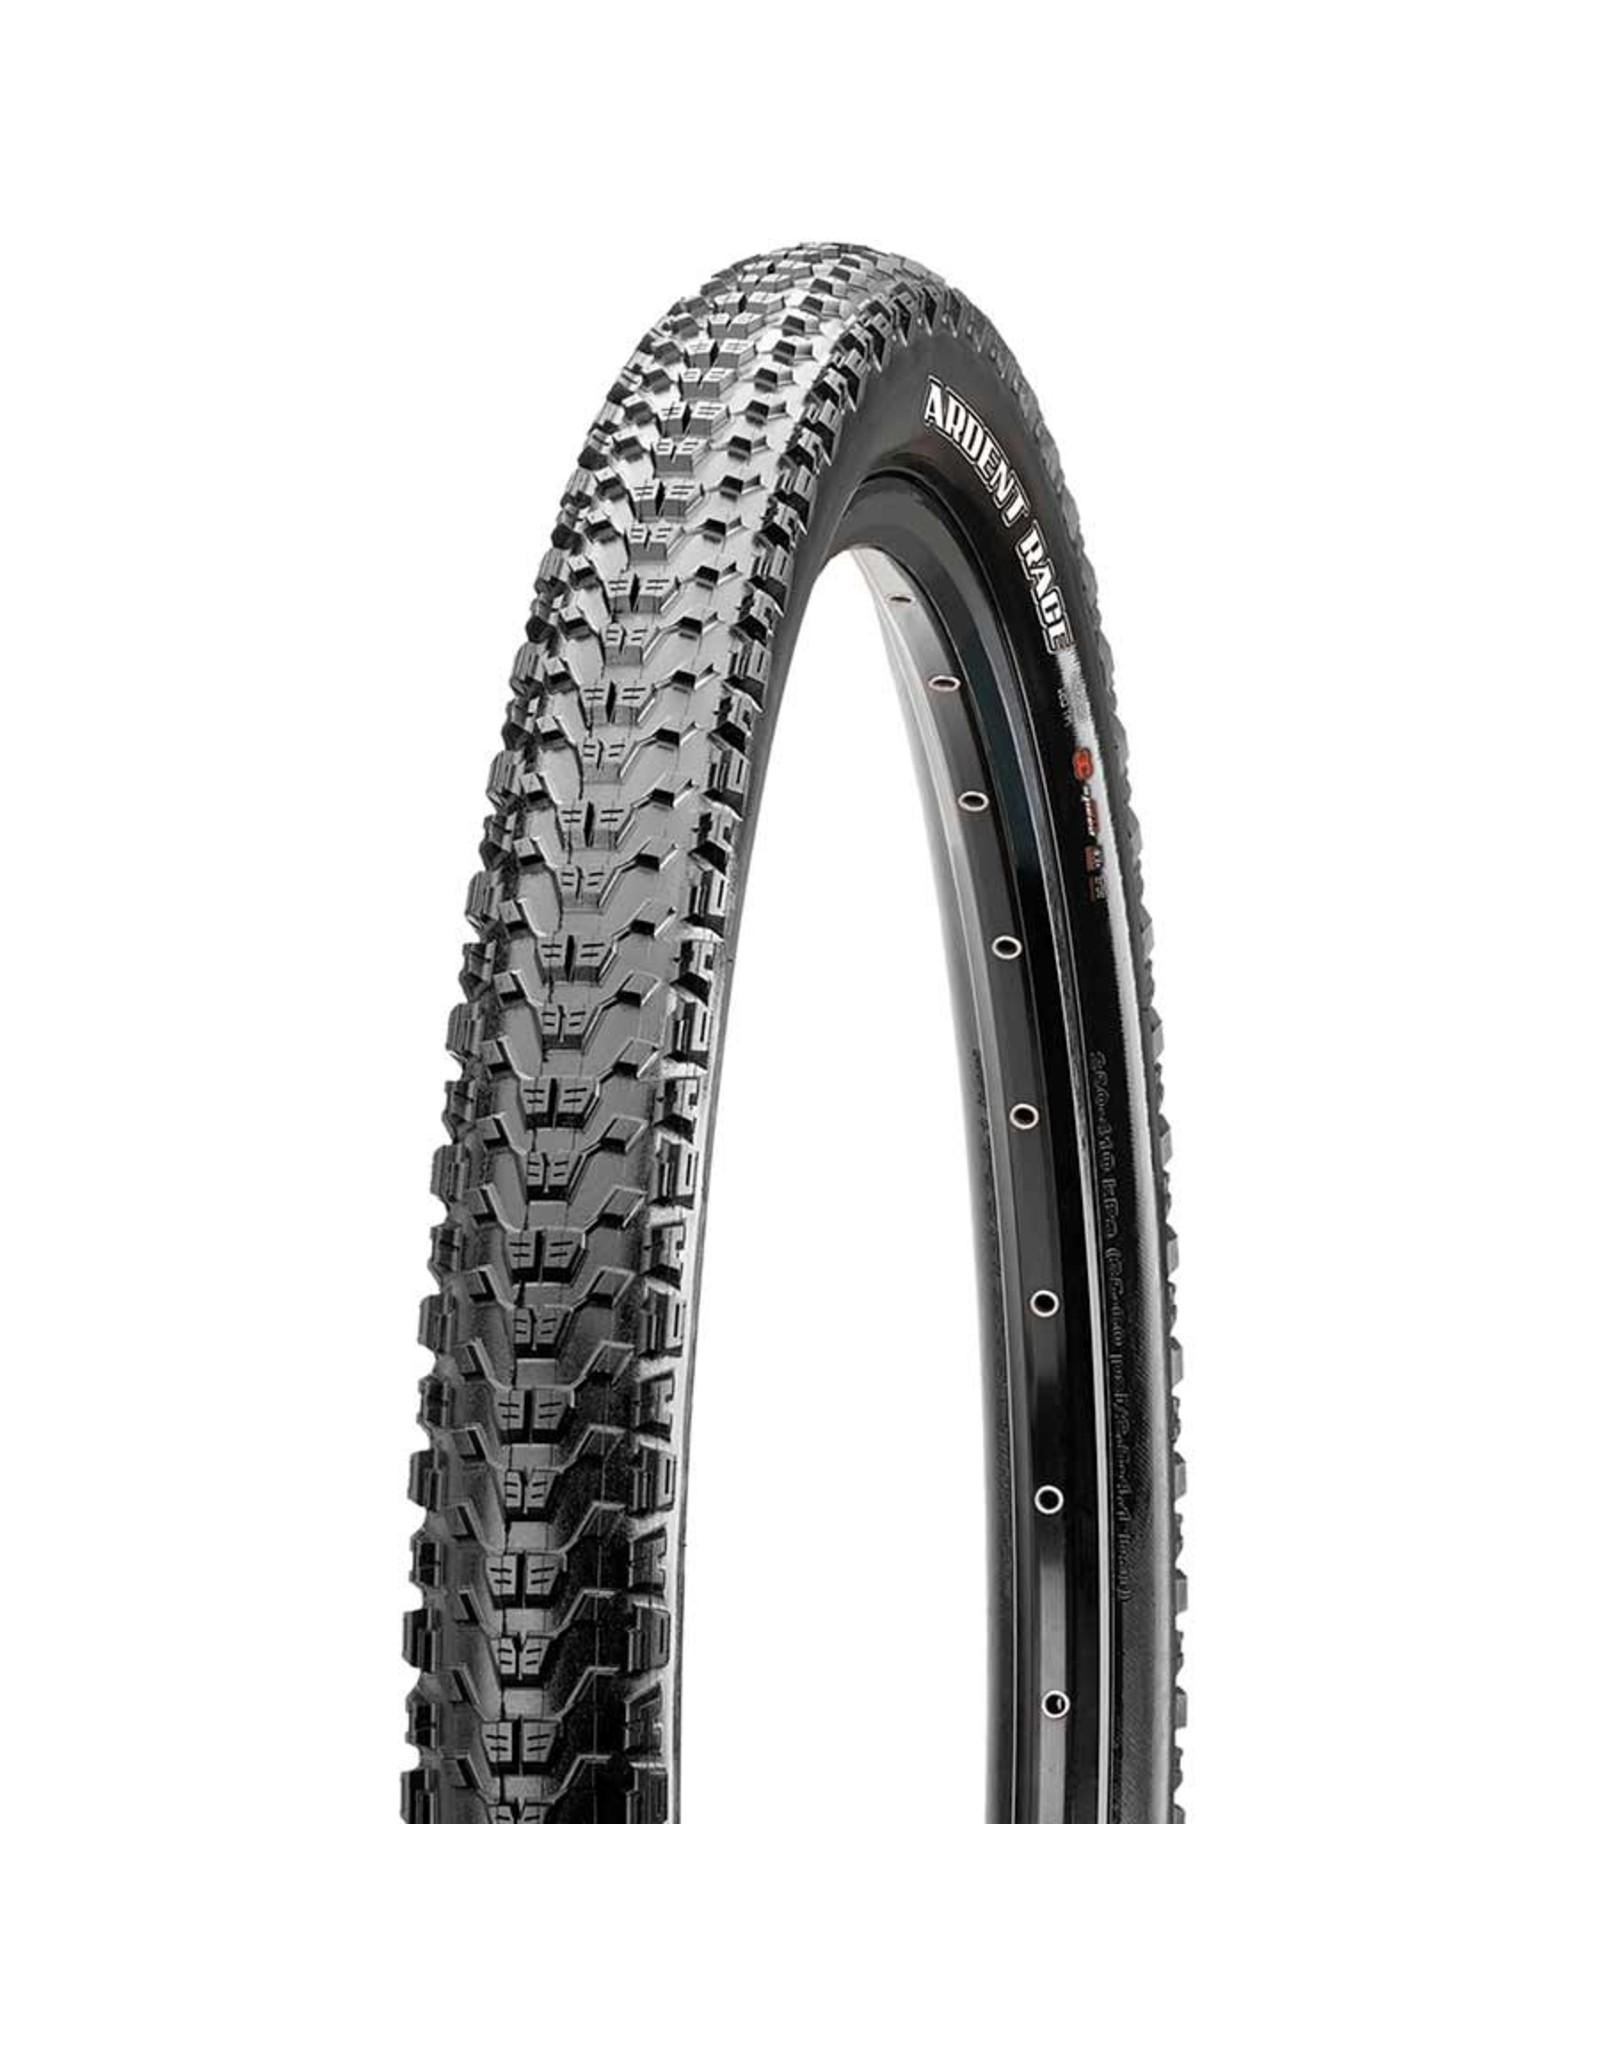 Maxxis Maxxis, Ardent Race, Tire, 27.5''x2.60, Folding, Tubeless Ready, 3C Maxx Speed, EXO, 120TPI, Black